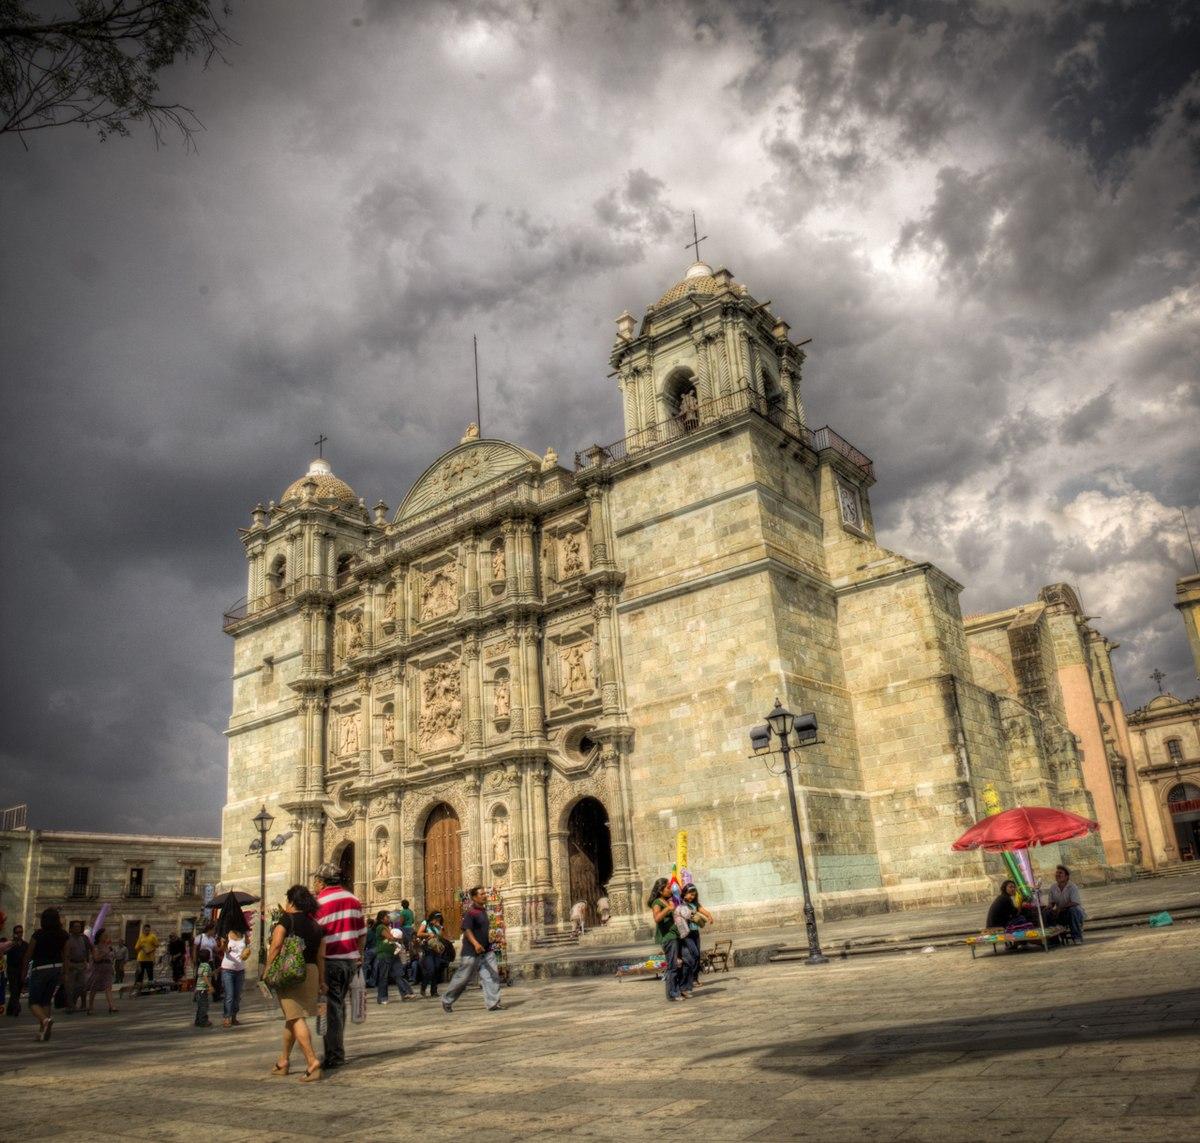 Personas caminando a las afueras de la Catedral de Oaxaca